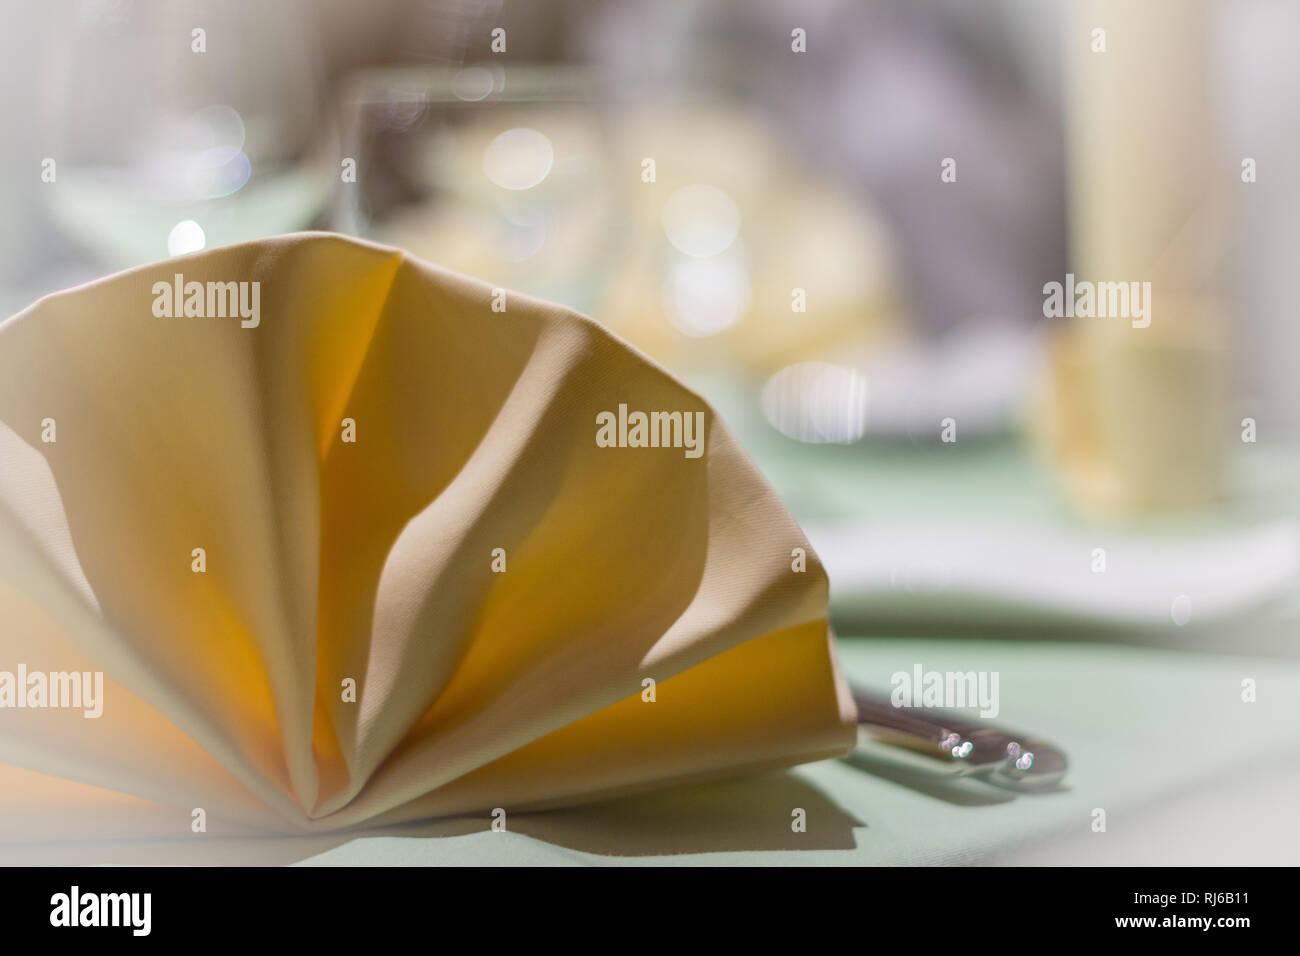 Eine gefaltete Stoffserviette auf einem gedeckten Tisch, Detailaufnahme - Stock Image